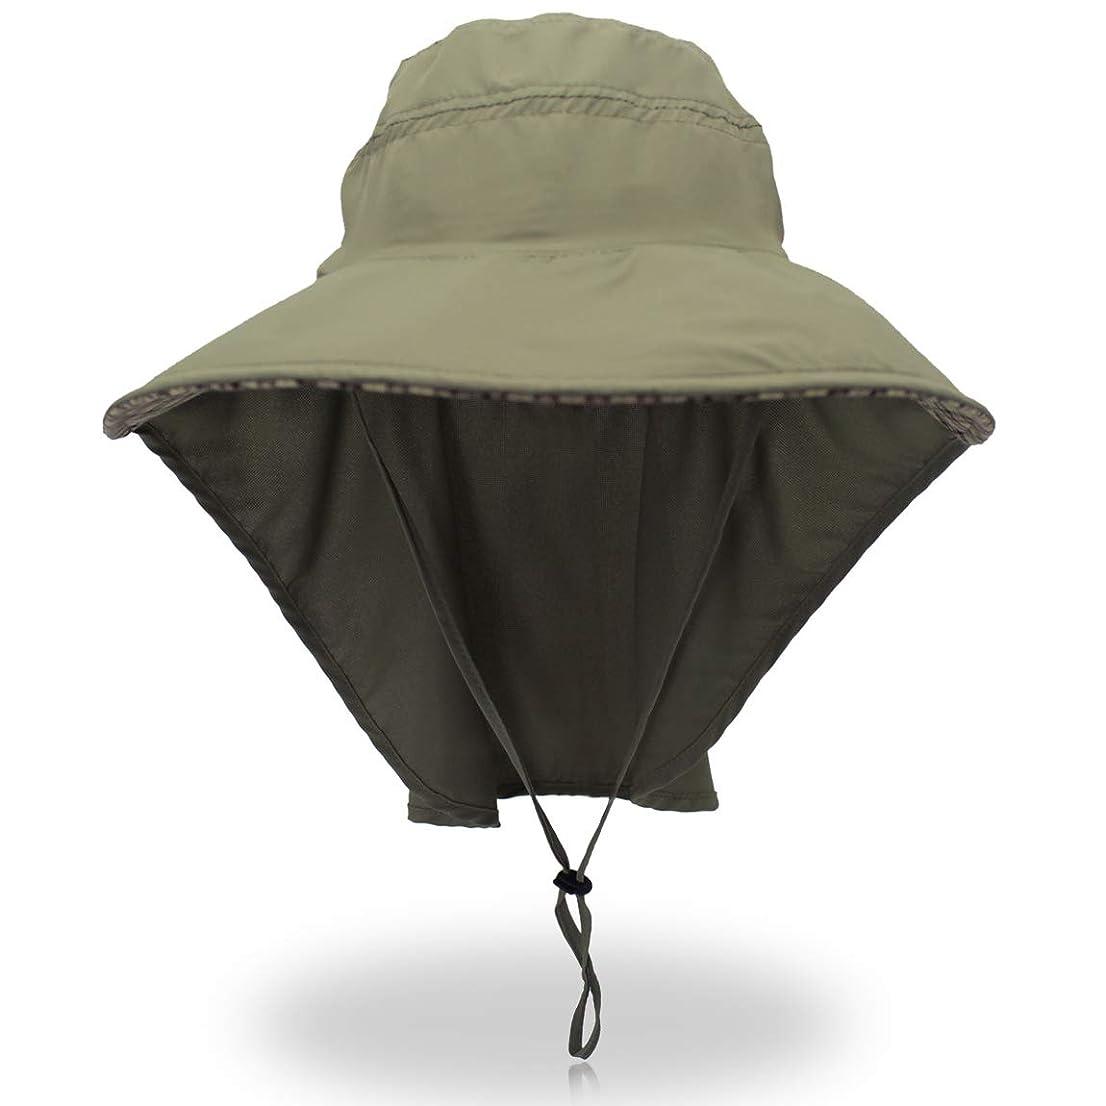 どこでも無駄な衝撃[MAZU] 漁師キャップ 日除け帽子 釣り サーフハット フィッシングハット ガーデニング 登山 農作業 アウトドア 通気性がいい シェード付きハット UVカット UPF50+